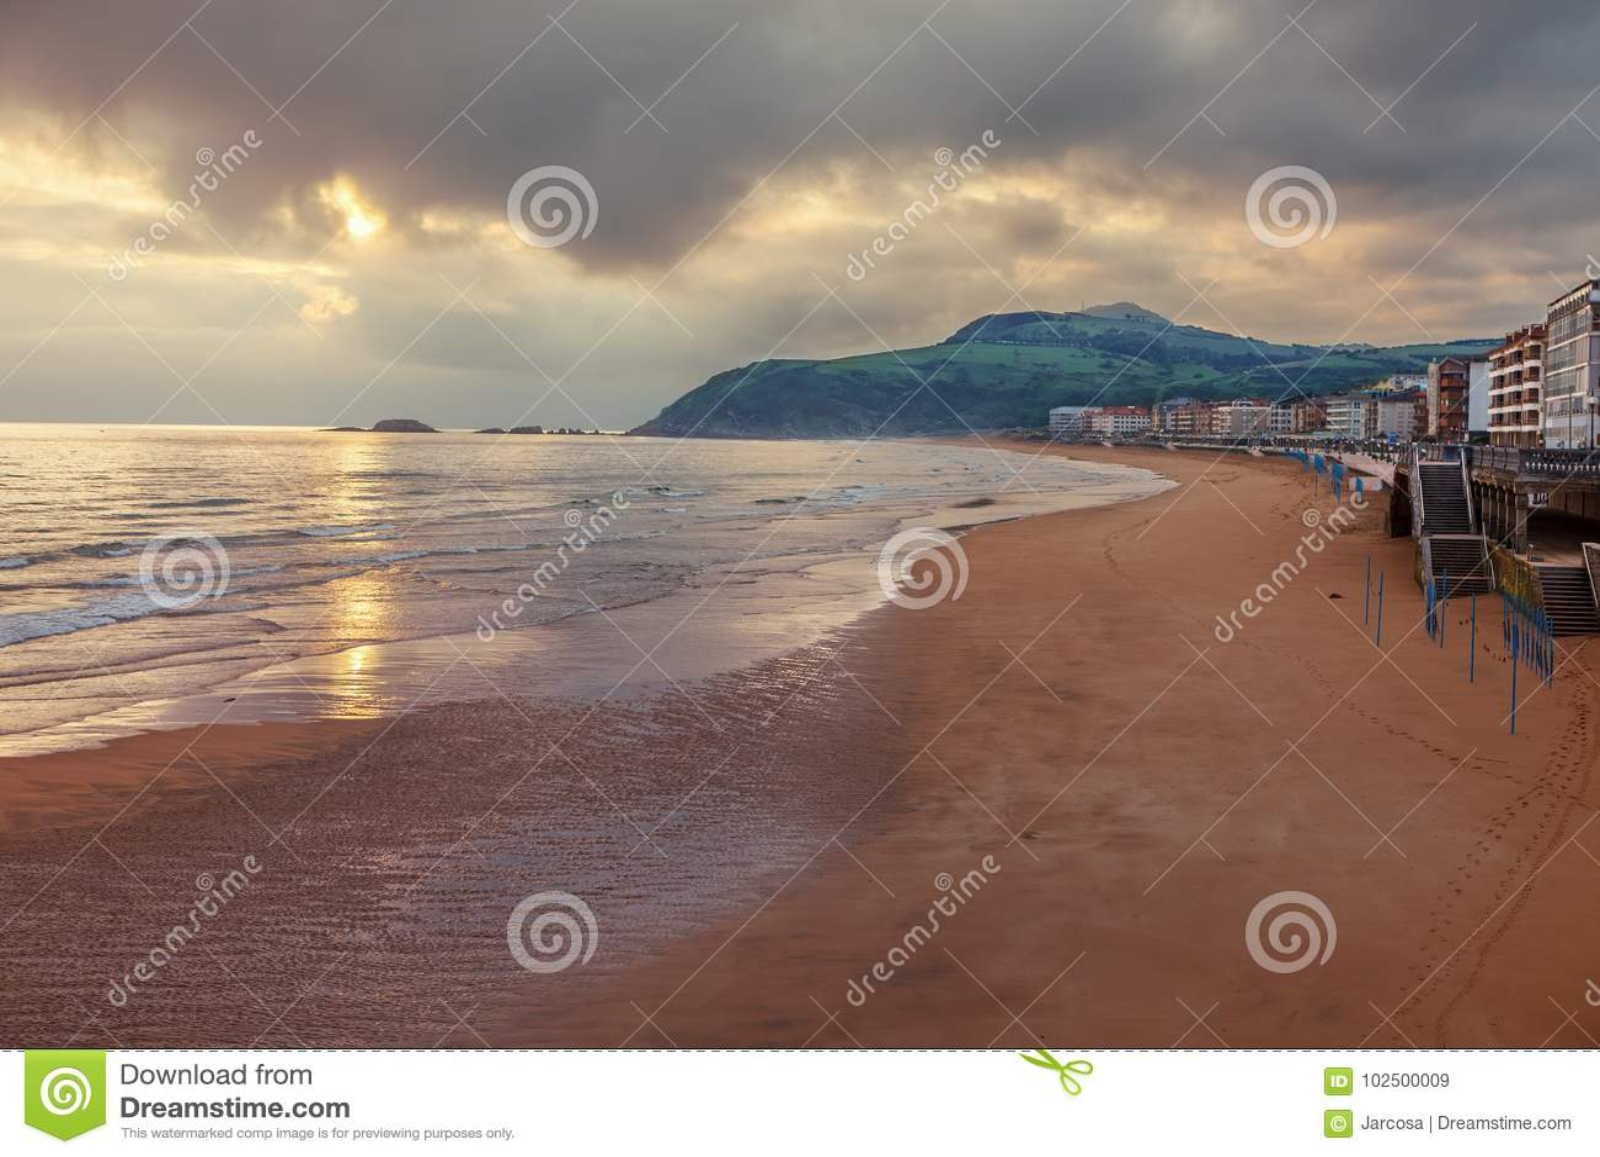 Sonnenaufgang auf dem Strand von Zarautz, Baskenland, Weise des St.